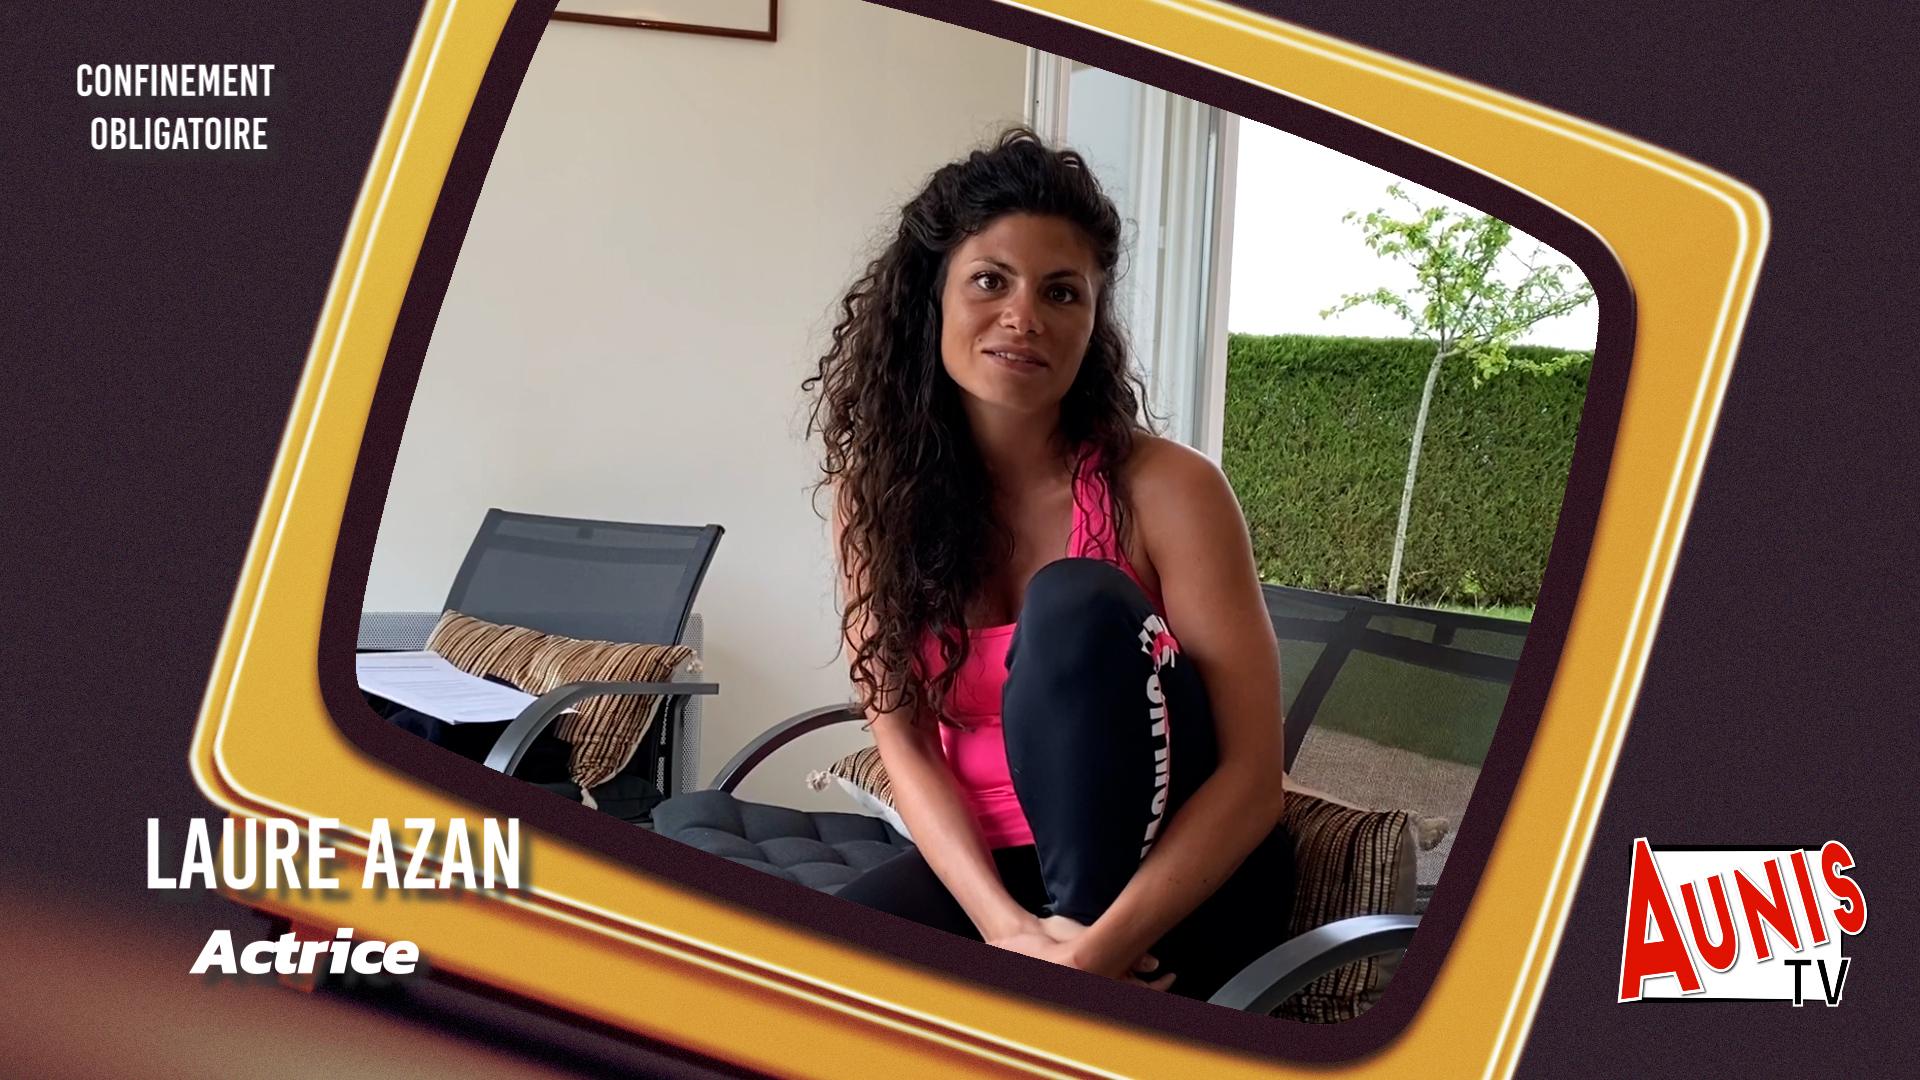 Laure Azan Confinement obligatoire